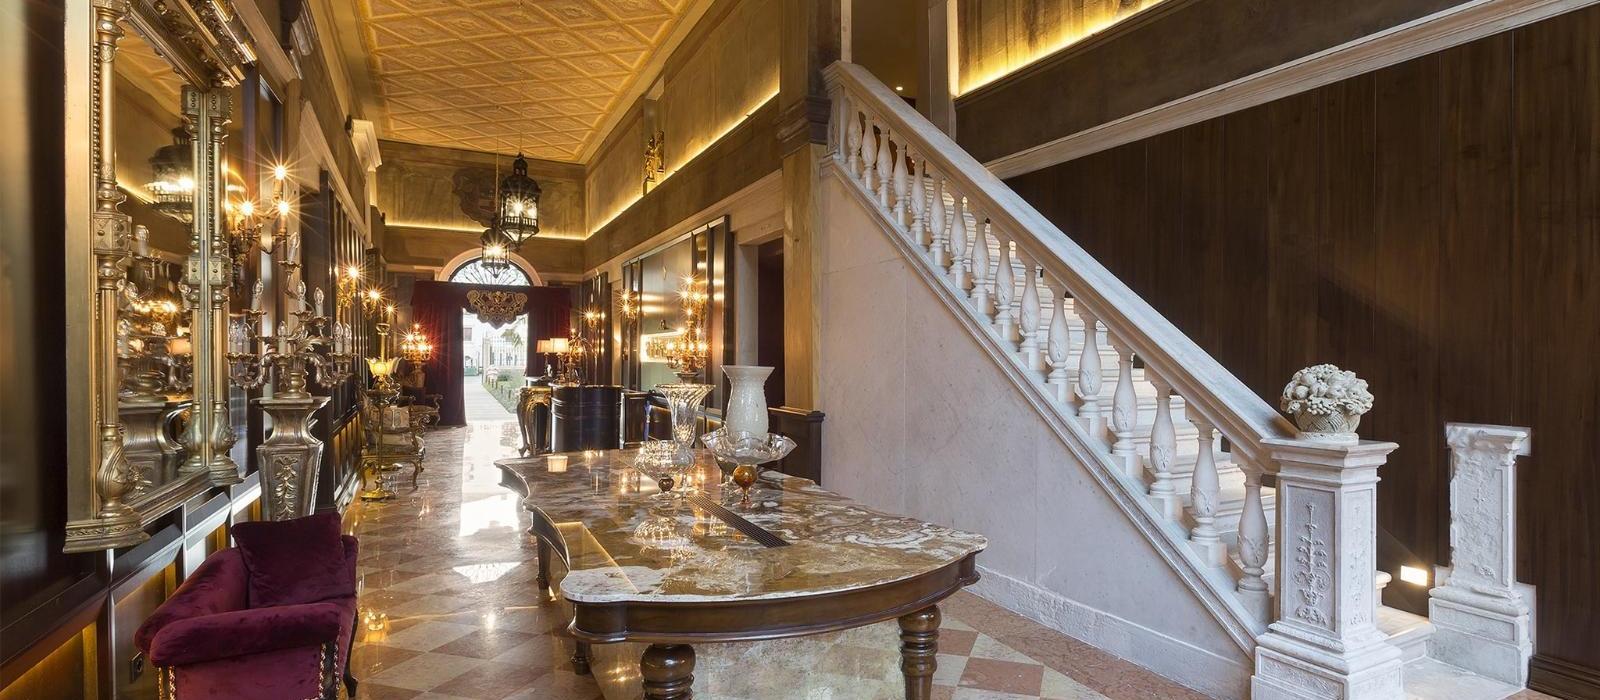 韦纳特宫豪华酒店(Palazzo Venart Luxury Hotel) 图片  www.lhw.cn